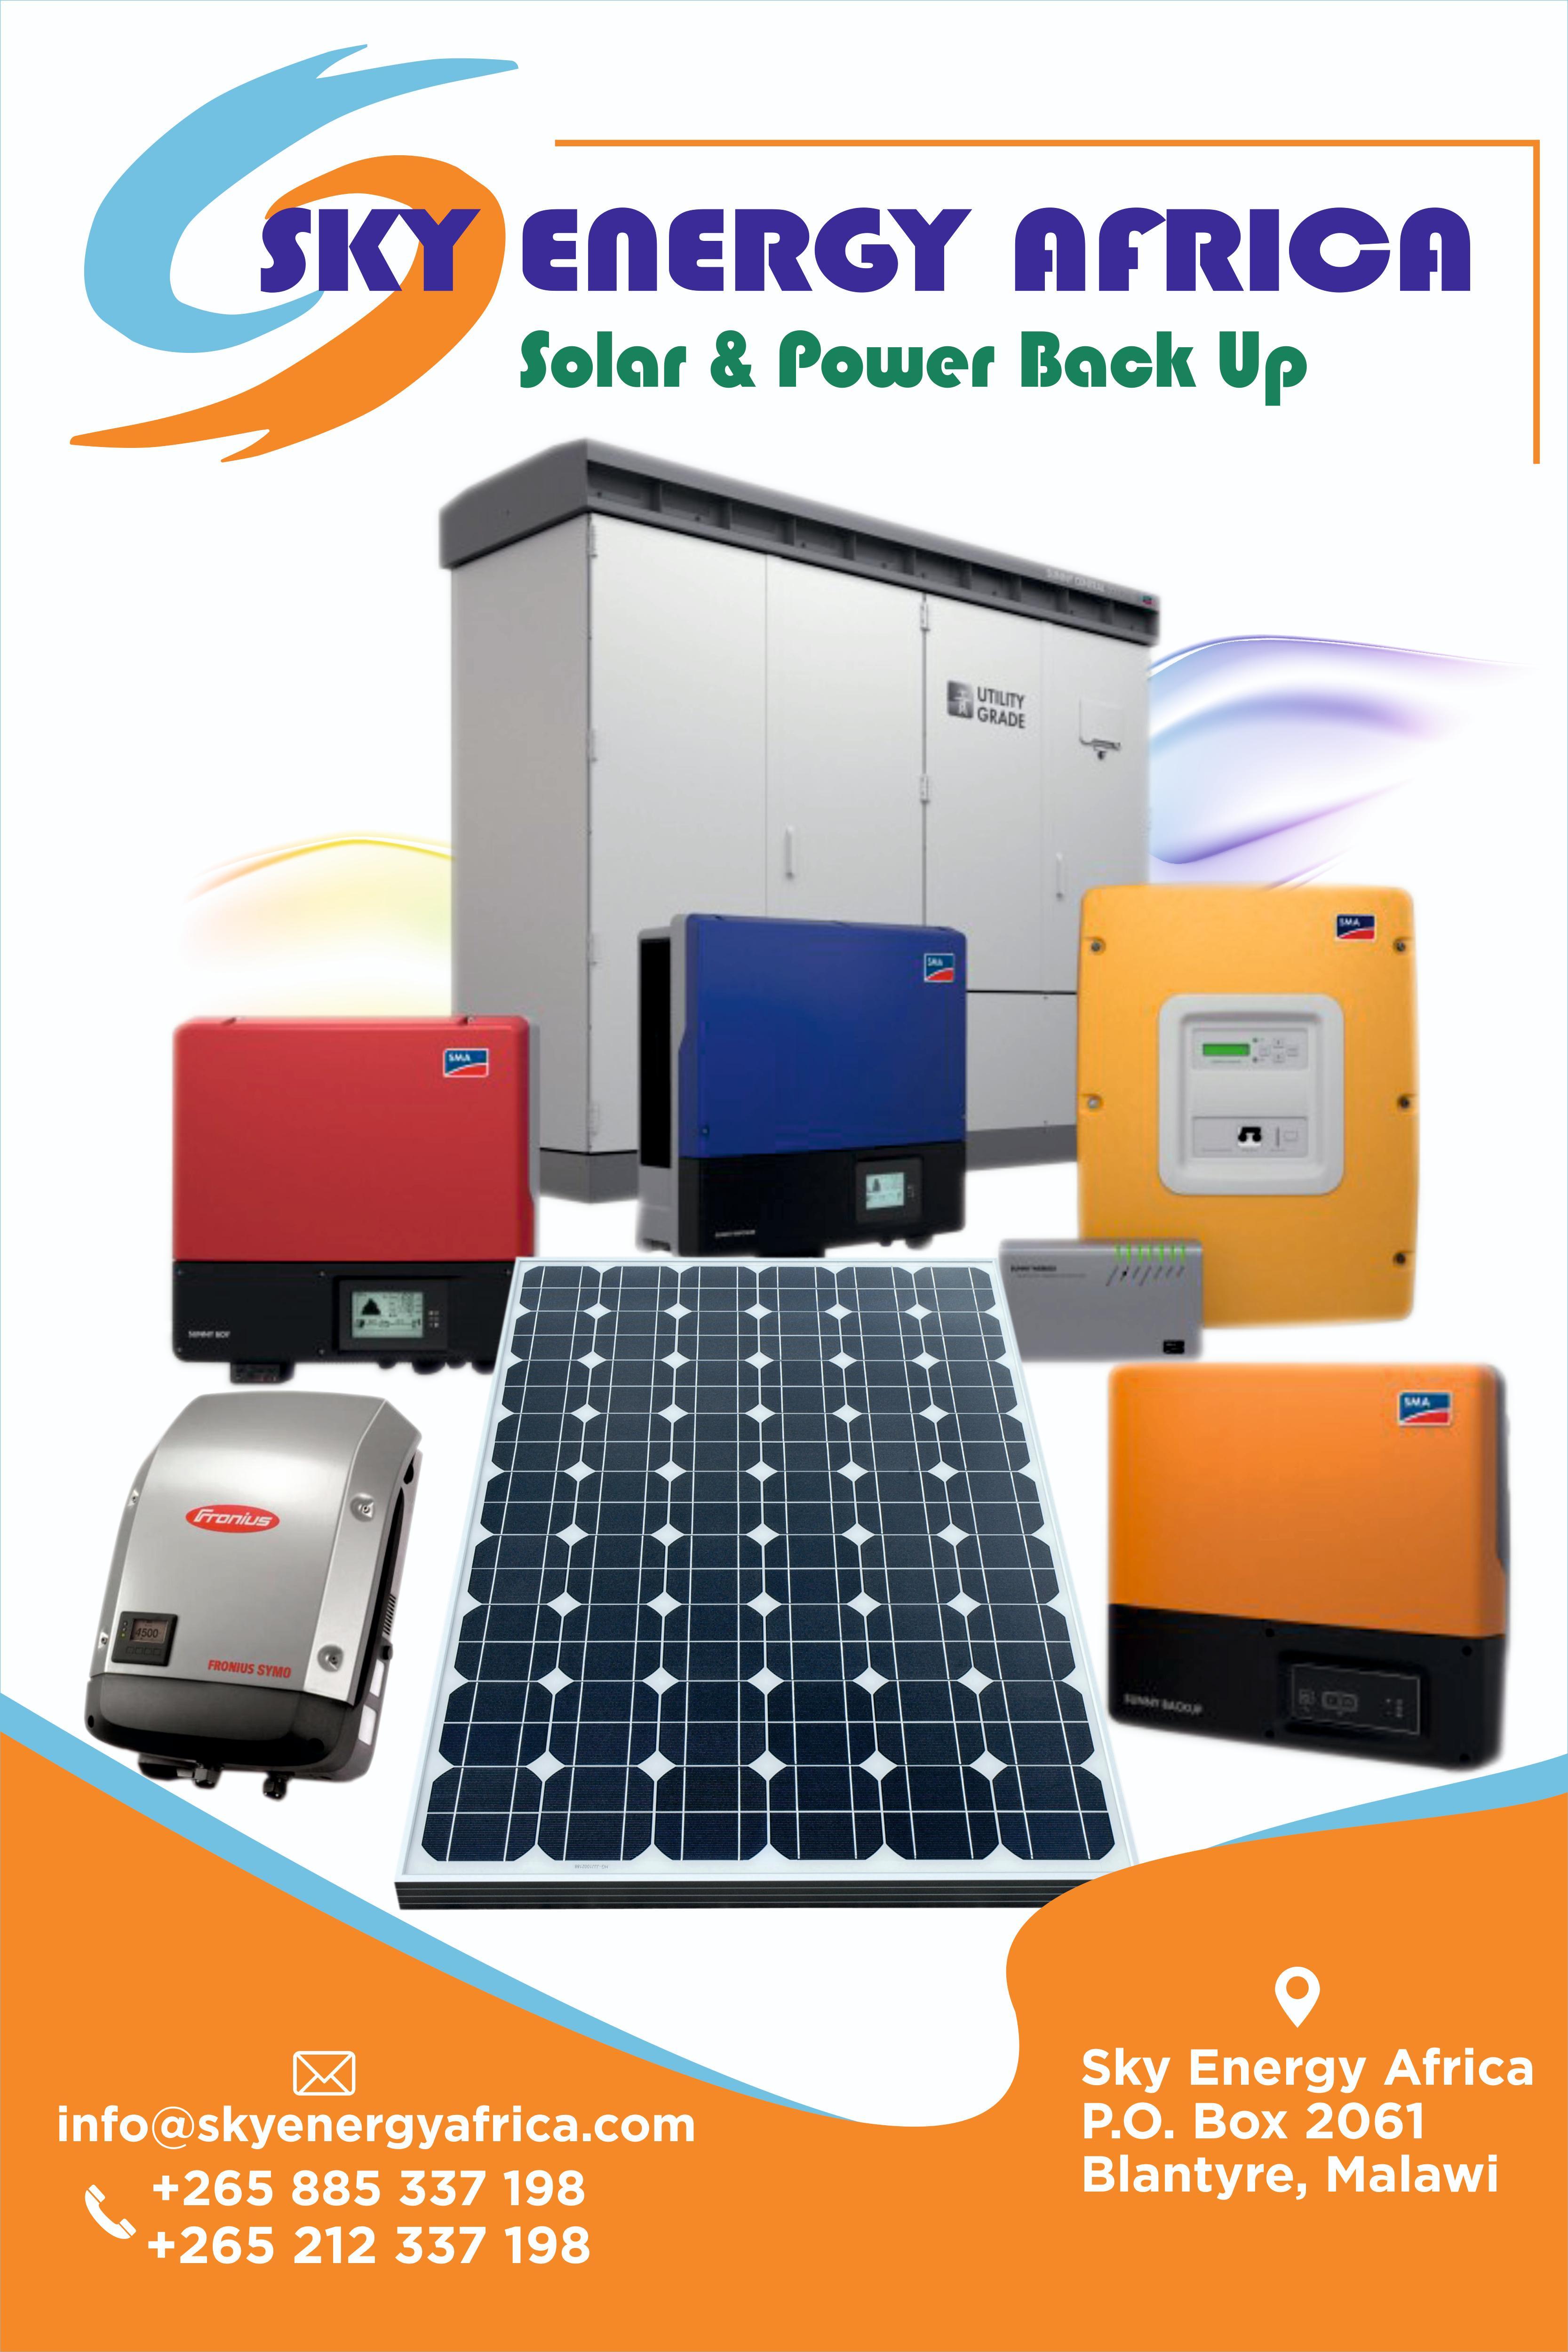 Sky Energy Africa